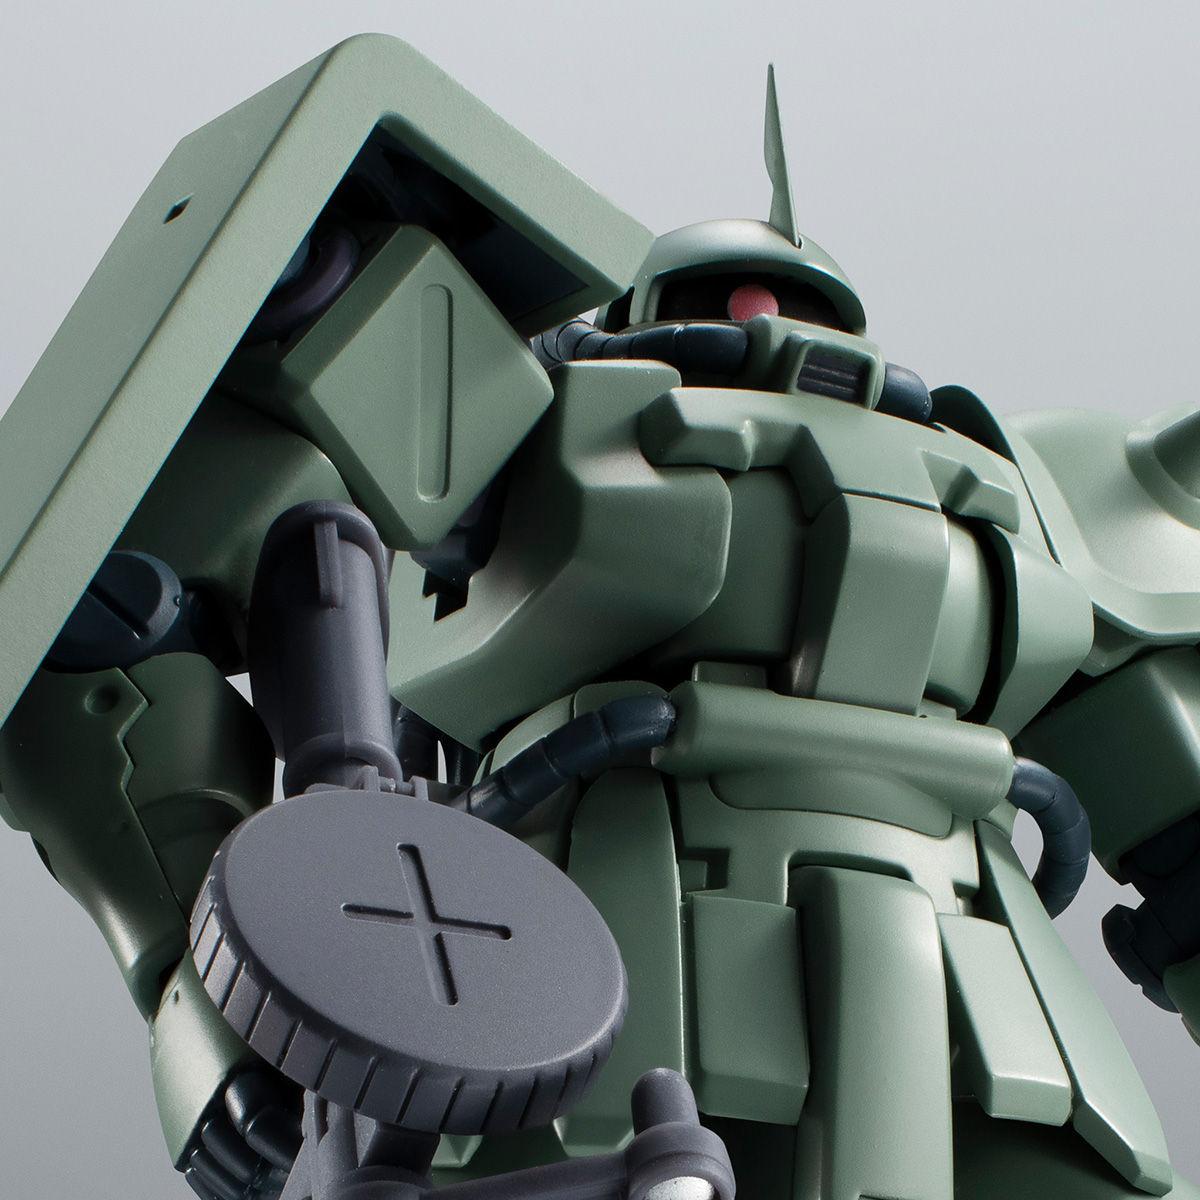 【限定販売】ROBOT魂〈SIDE MS〉『MS-06F-2 ザクII F2型(ノイエン・ビッター)ver. A.N.I.M.E.』ガンダム0083 可動フィギュア-001